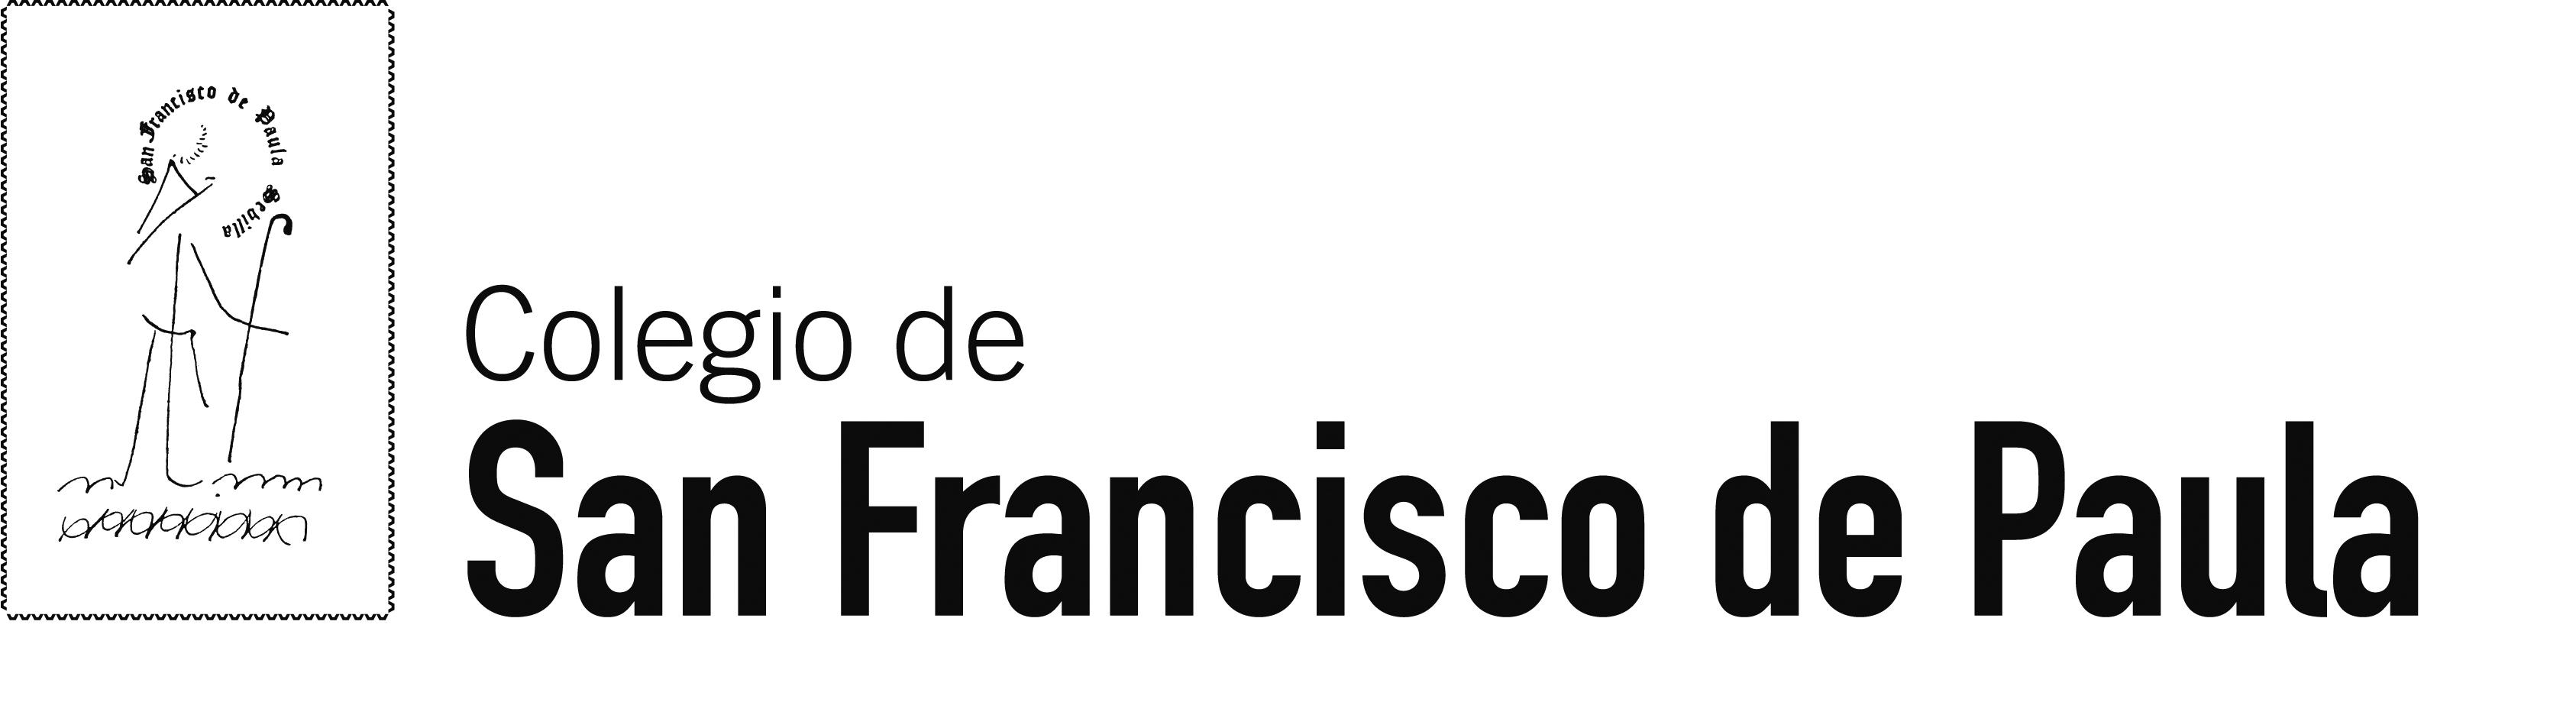 CONVOCATORIA DE PRENSA: ALUMNOS DEL COLEGIO, ÚNICOS ANDALUCES IMPLICADOS EN UN PROYECTO PILOTO DE EVALUACIÓN ELECTRÓNICA